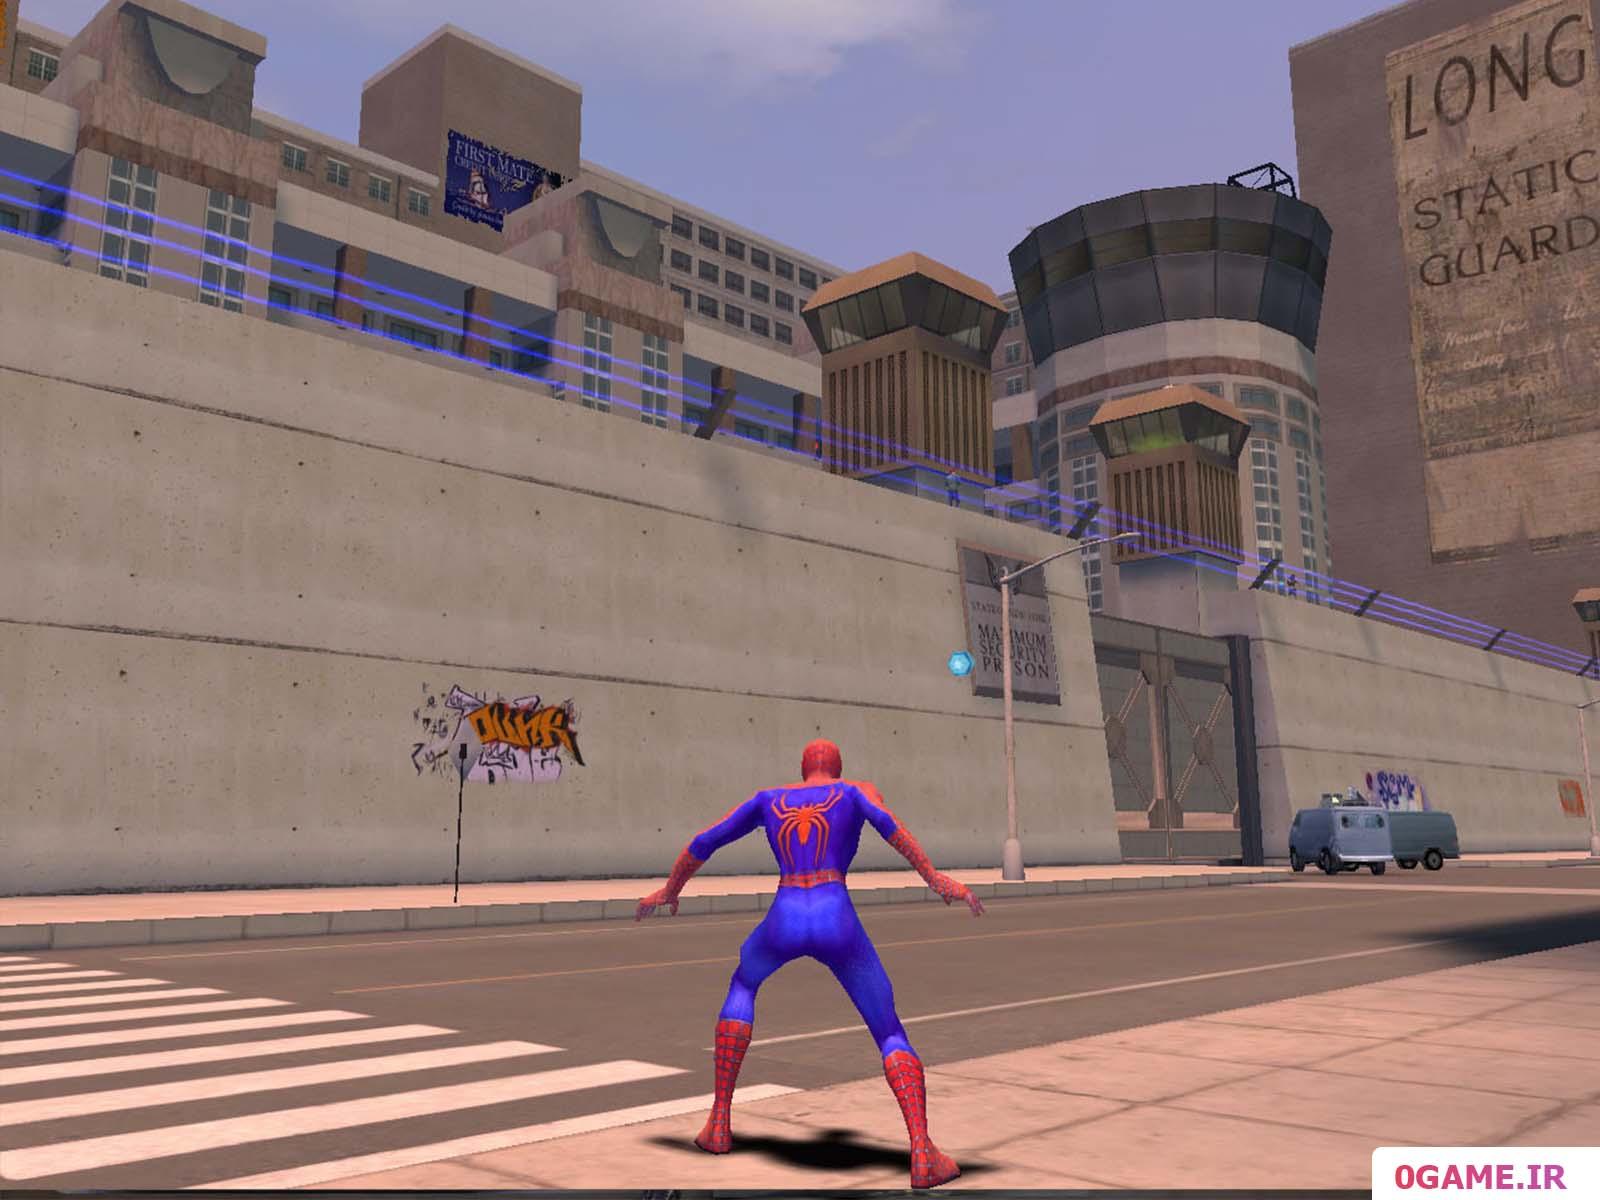 دانلود بازی مرد عنکبوتی 2 Spider Man نسخه کامل برای کامپیوتر 0game